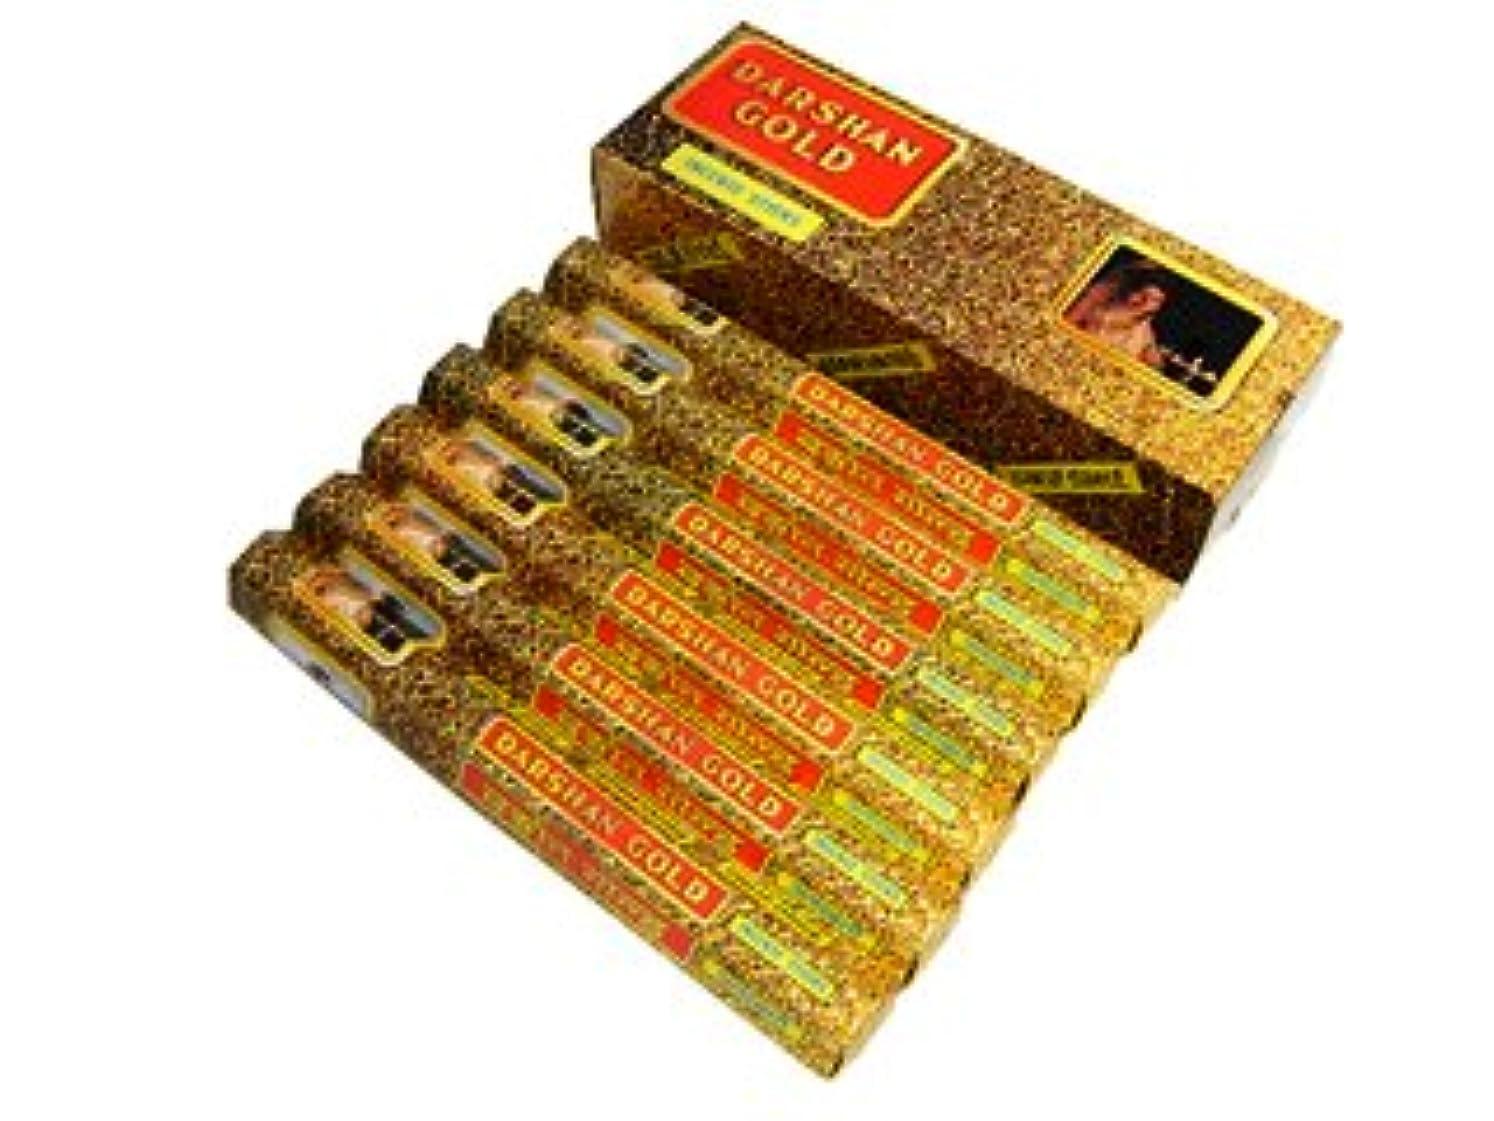 疑問を超えて不名誉望みDARSHAN(ダルシャン) ゴールド香 スティック DARSHAN(ダルシャン) 6箱セット